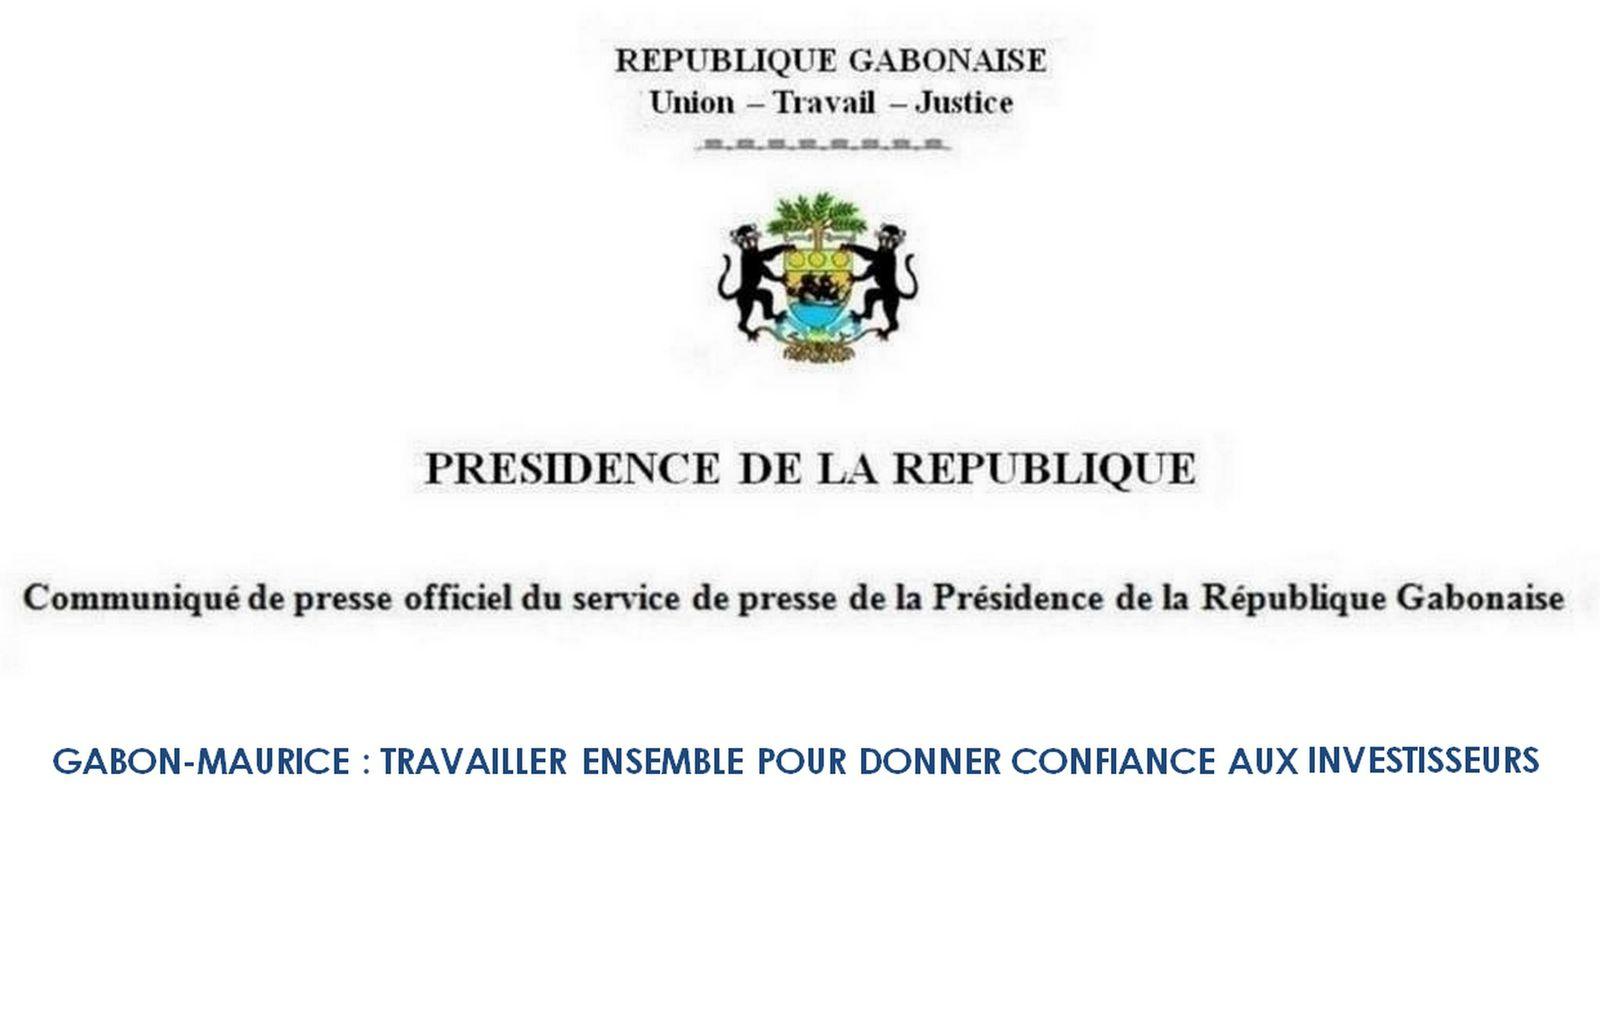 Gabon - Maurice : Travailler ensemble pour donner confiance aux investisseurs